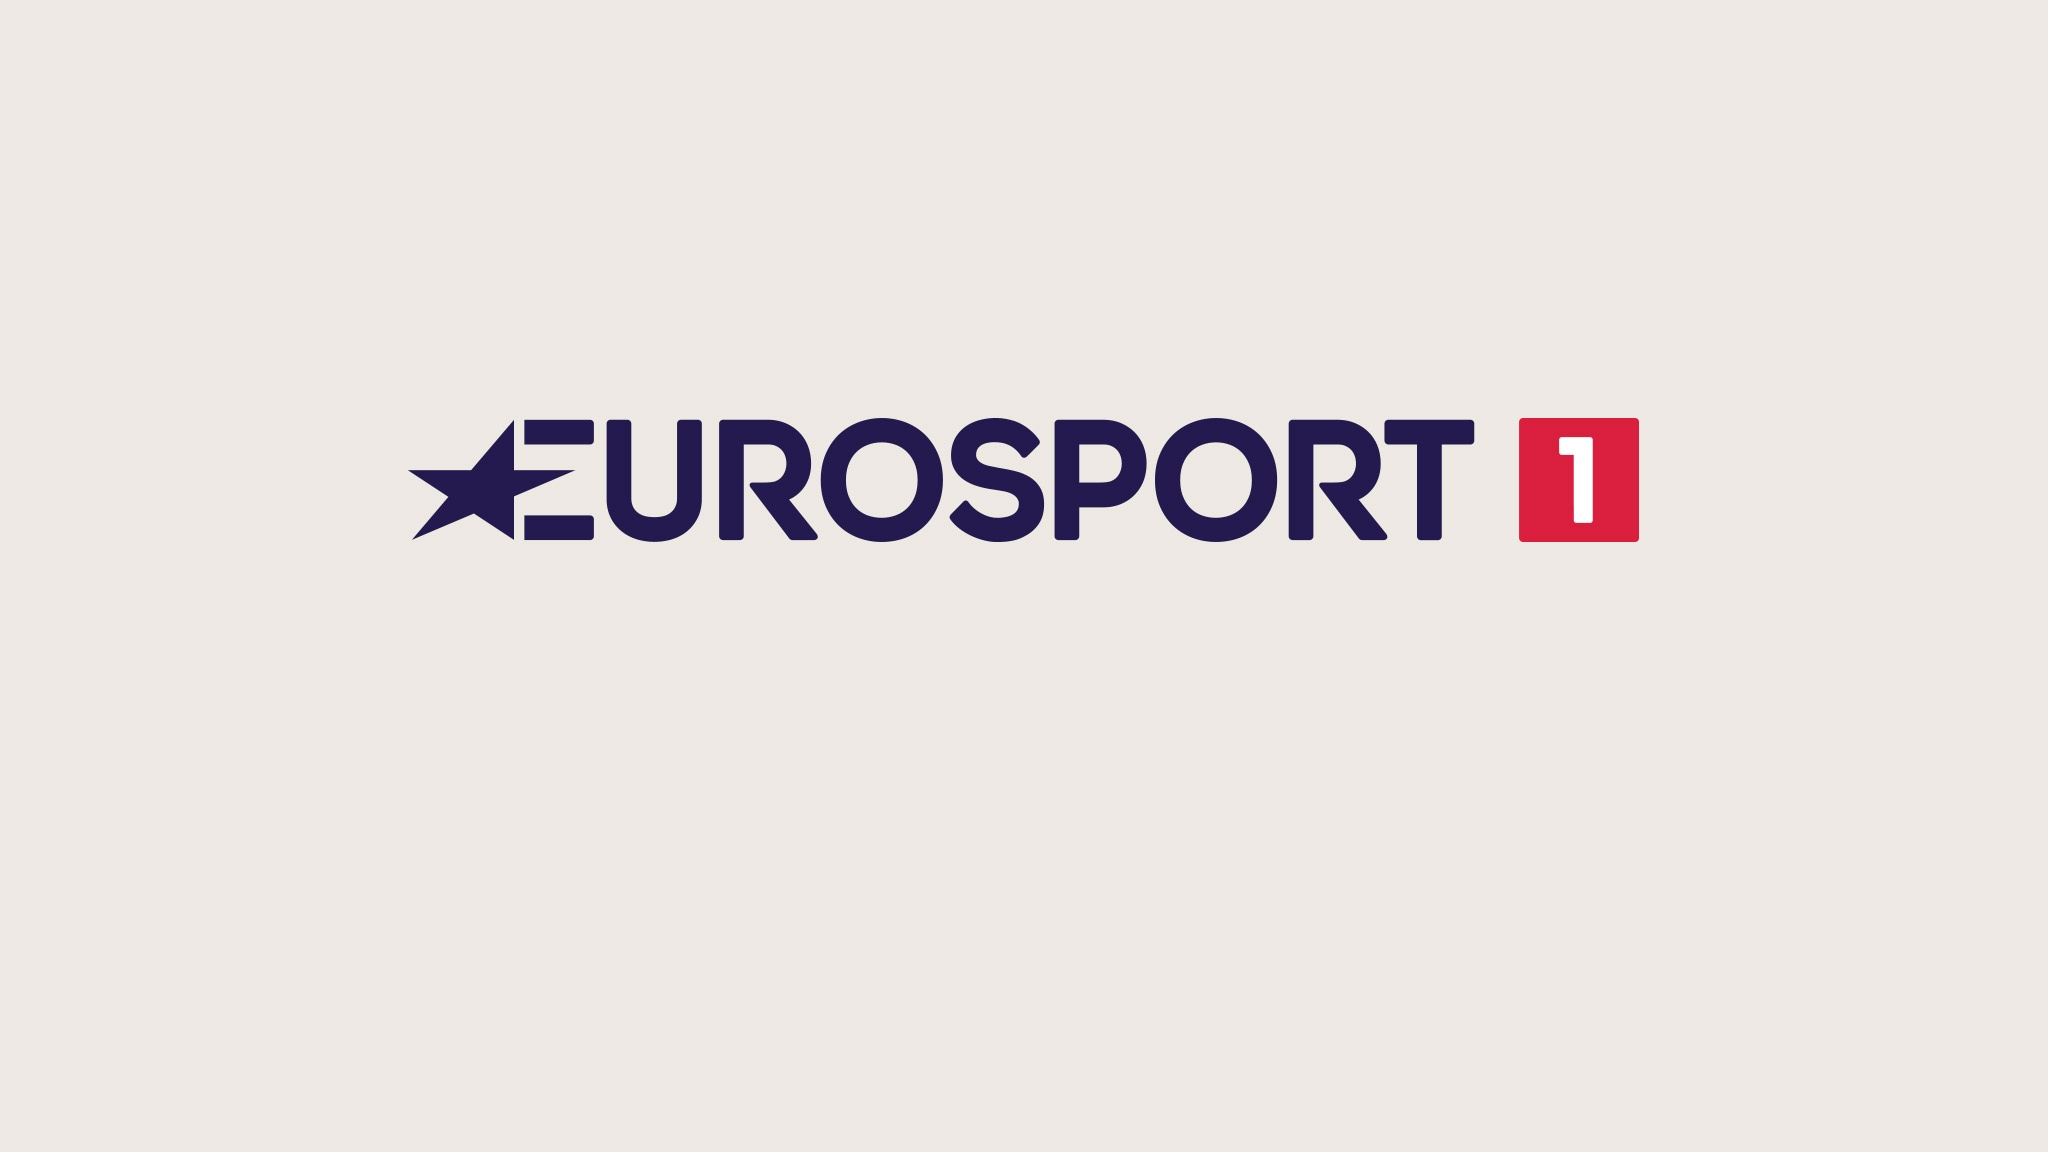 Eurosport 1 Livestream